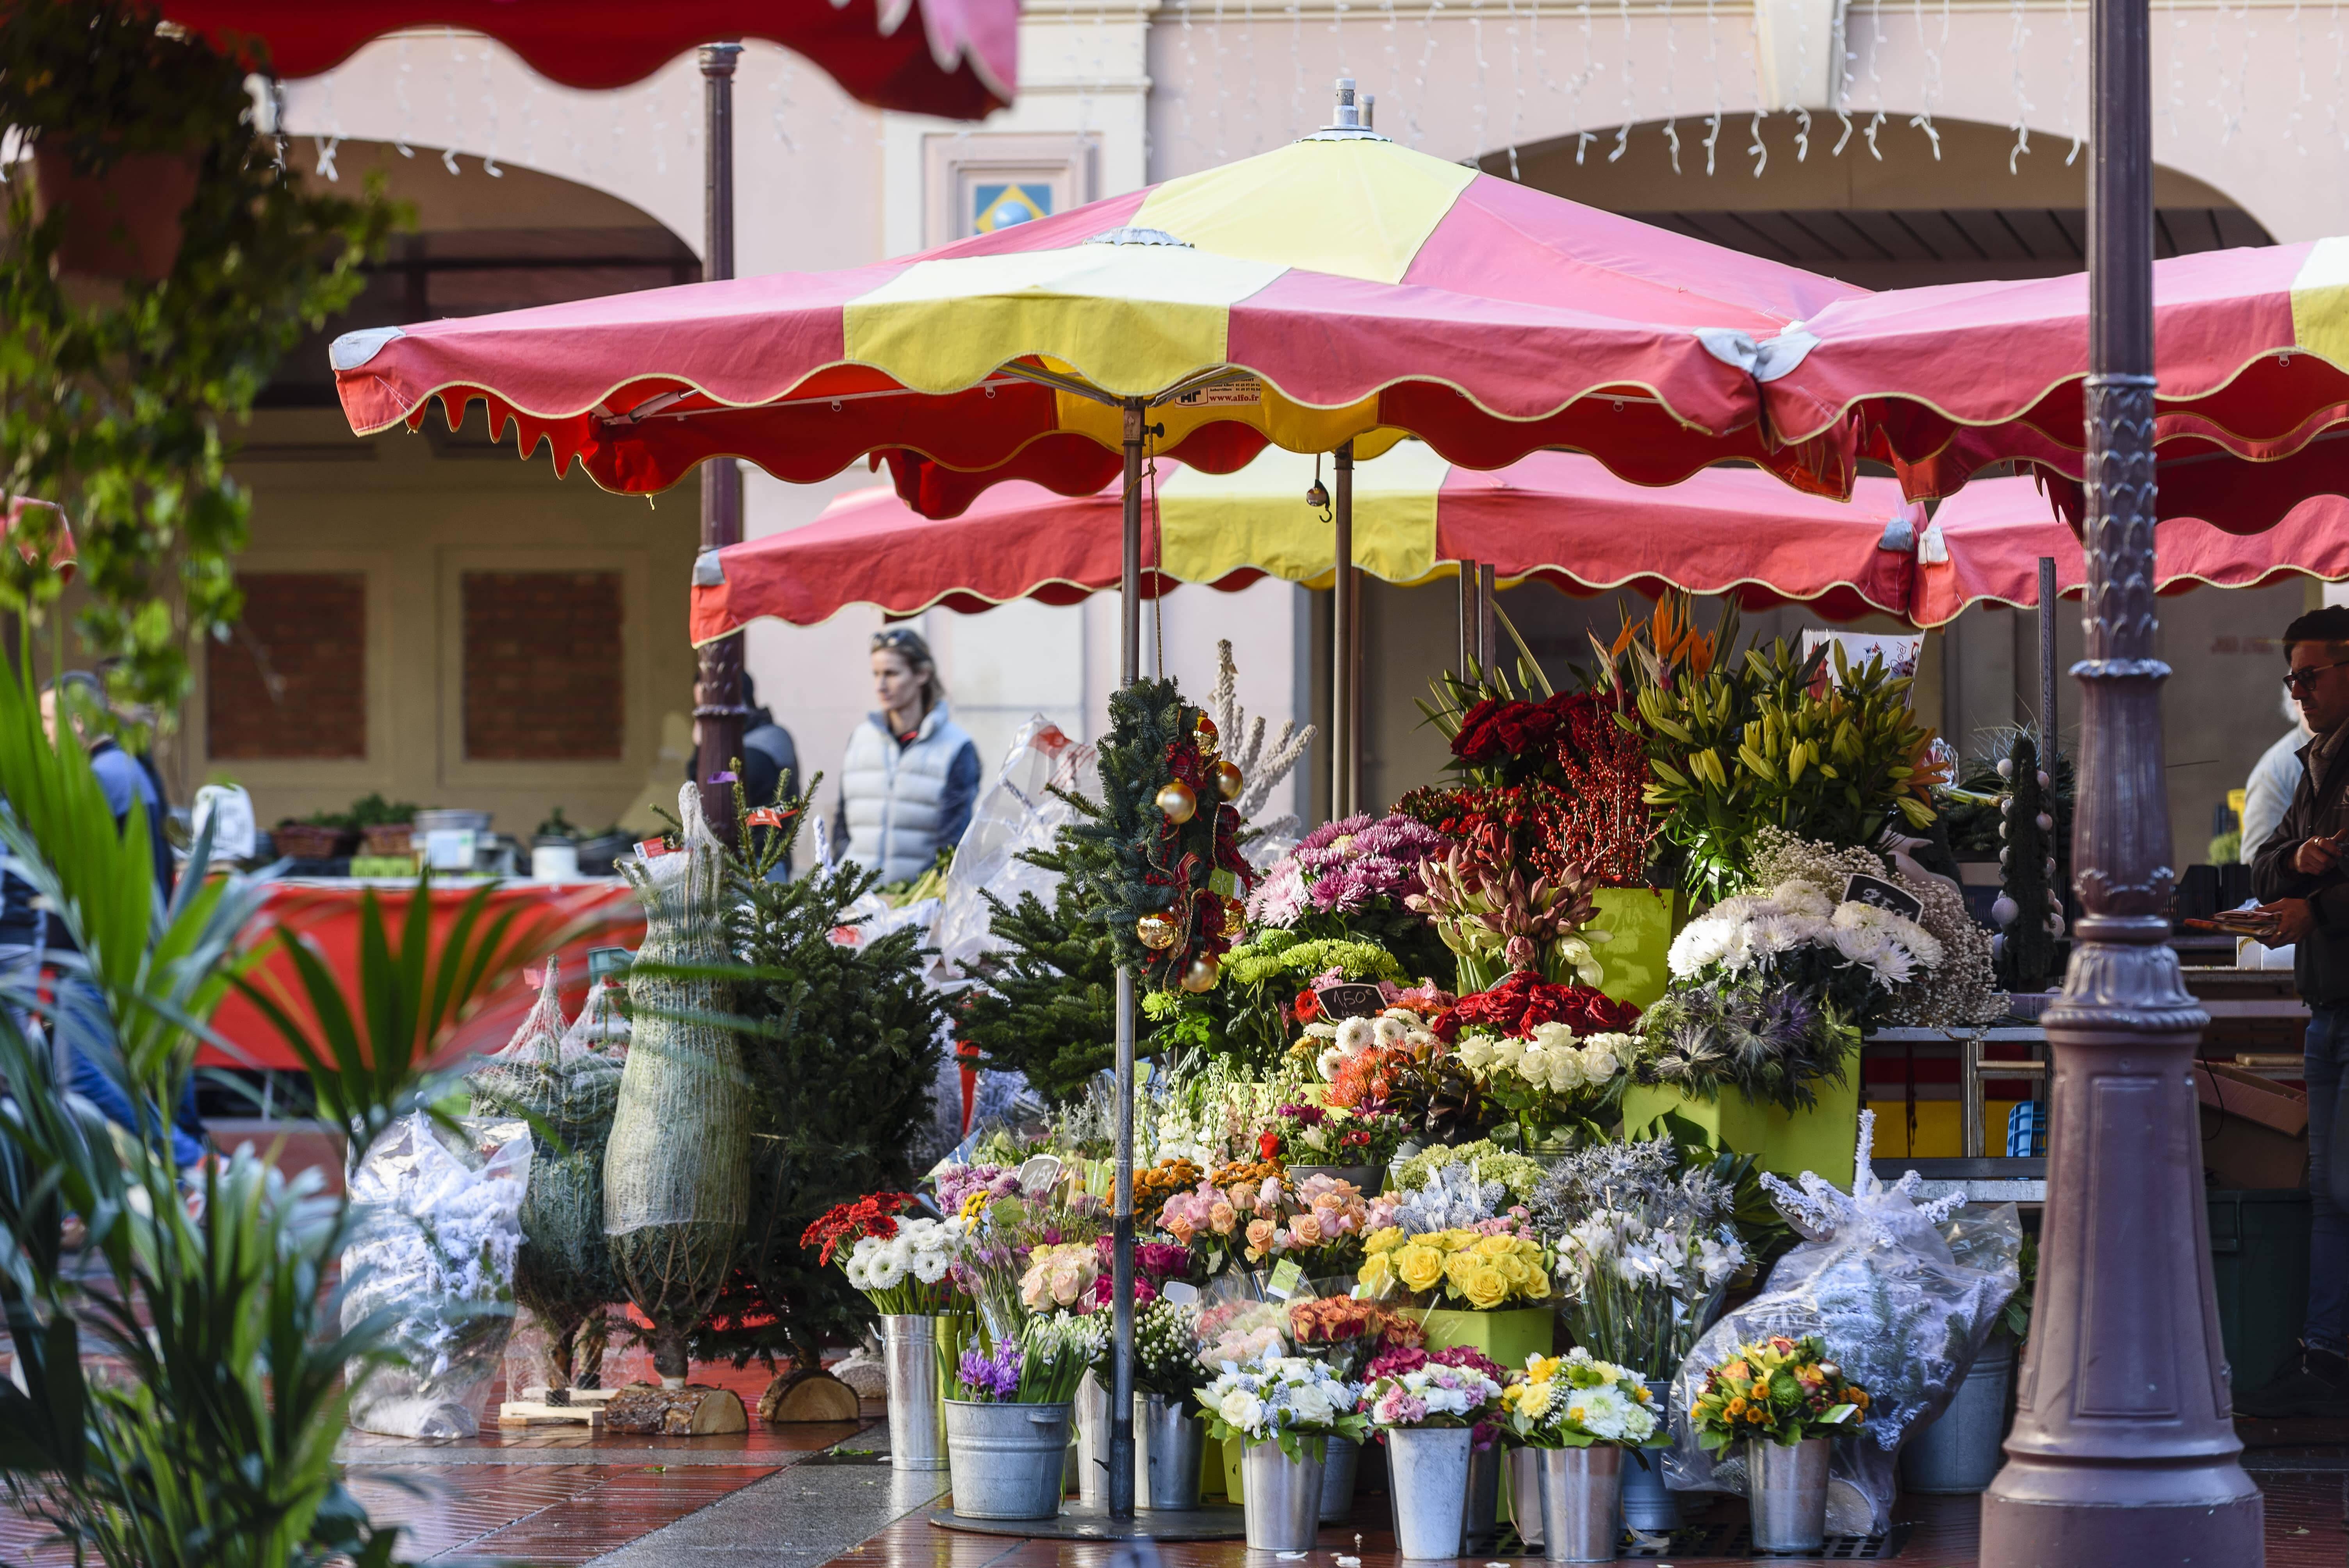 O Le Marché de la Condamine oferece diversas opções de frutas e pratos típicos. Foto: Société des Bains de Mer-min